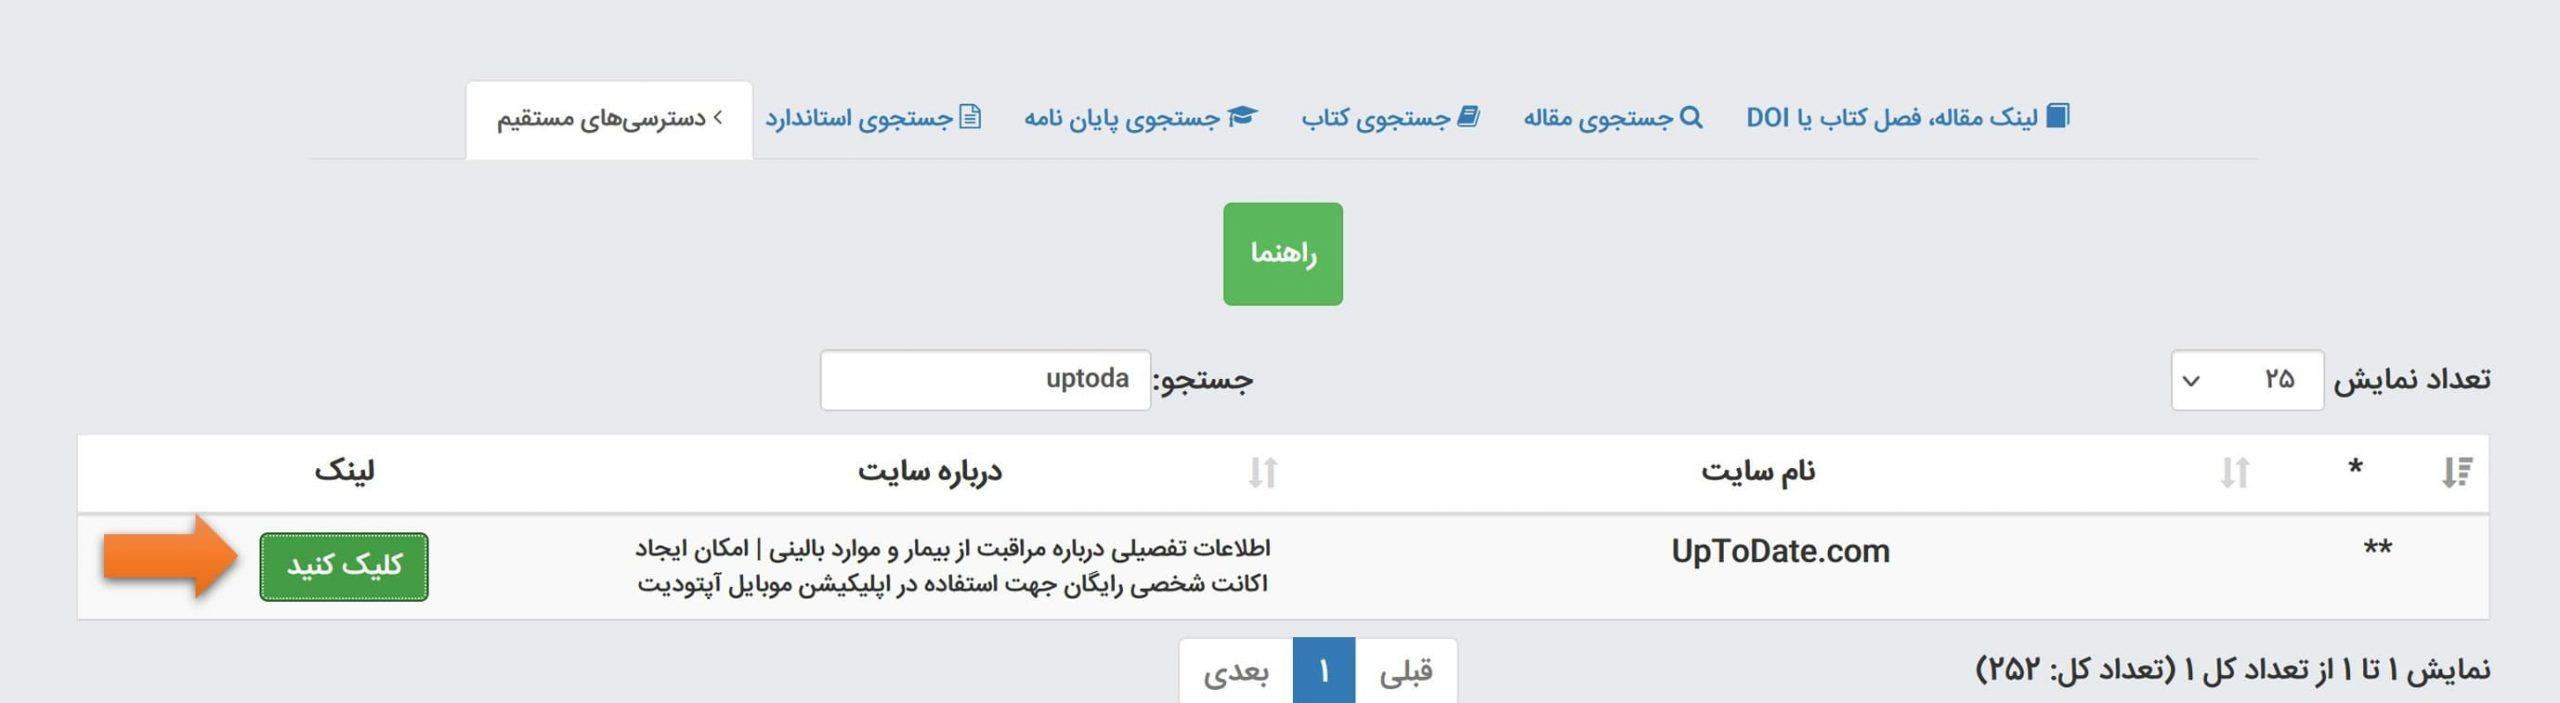 دسترسی به آپتودیت از طریق ایران پیپر